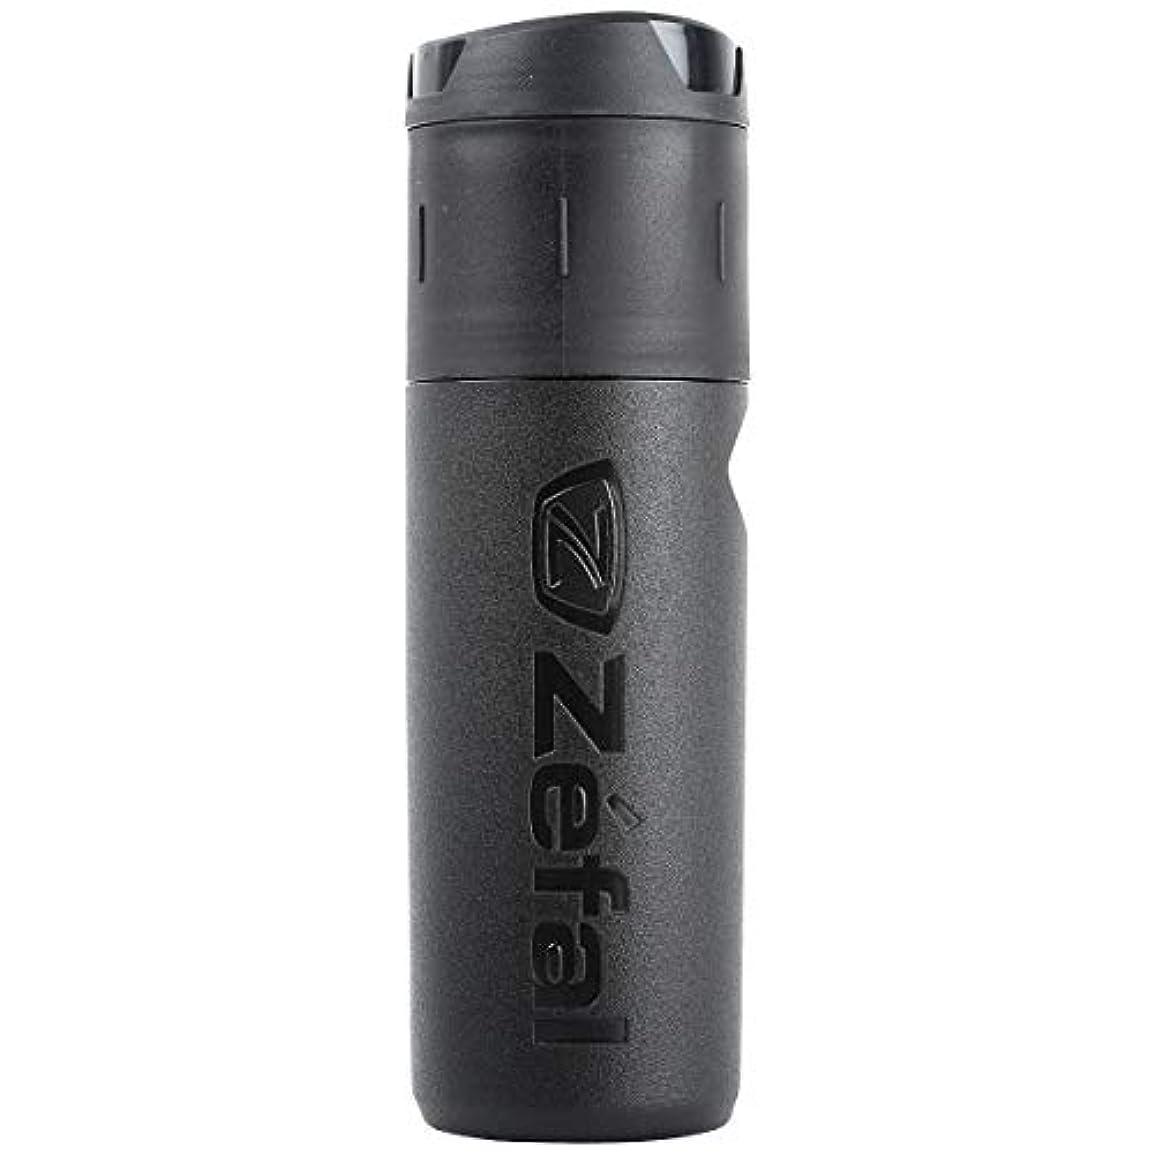 輸送ネズミと遊ぶゼファール(Zefal) ツールケース Zボックス L [Z BOX L] 防水仕様 容量0.8L 重量130g サイズ調整可能 ボトル 7081